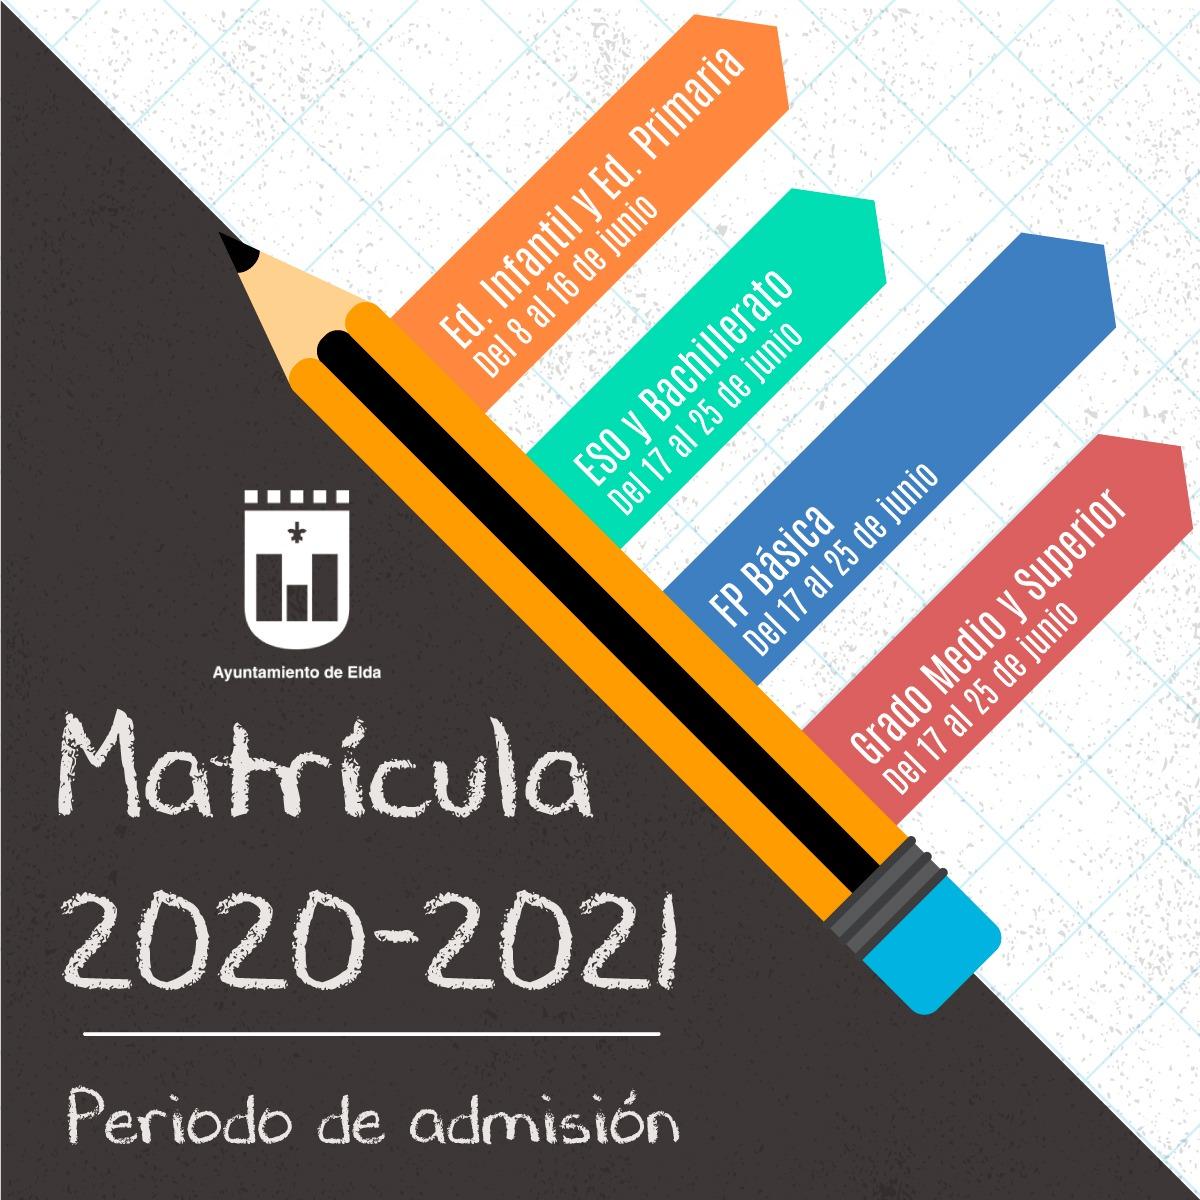 Educación fija los plazos de admisión para los alumnos y alumnas que cambién de centro o se escolaricen por primera vez